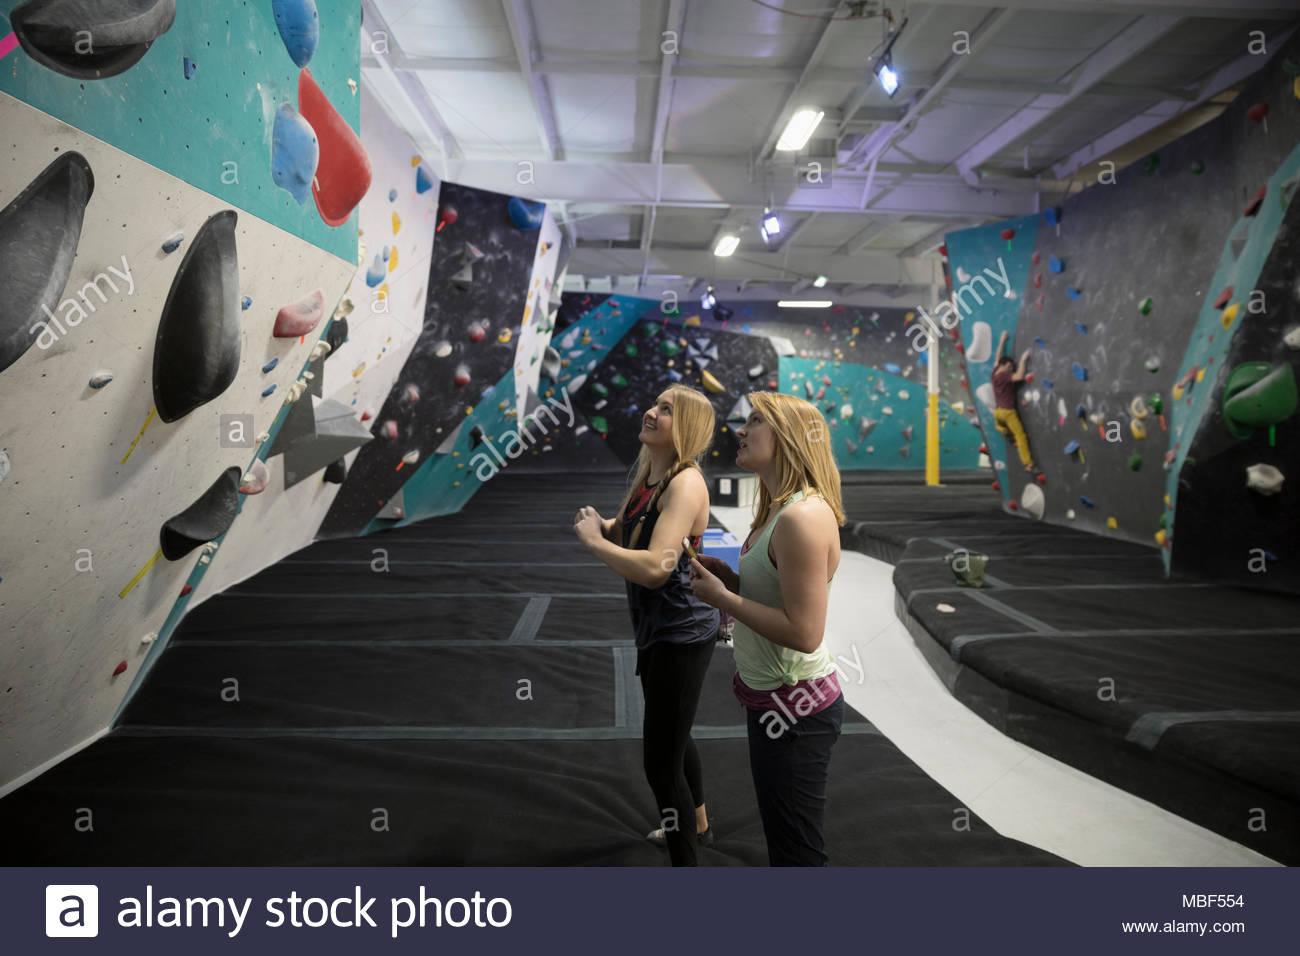 Escaladores hembra mirando hacia arriba en la pared de escalada en el gimnasio de escalada Imagen De Stock